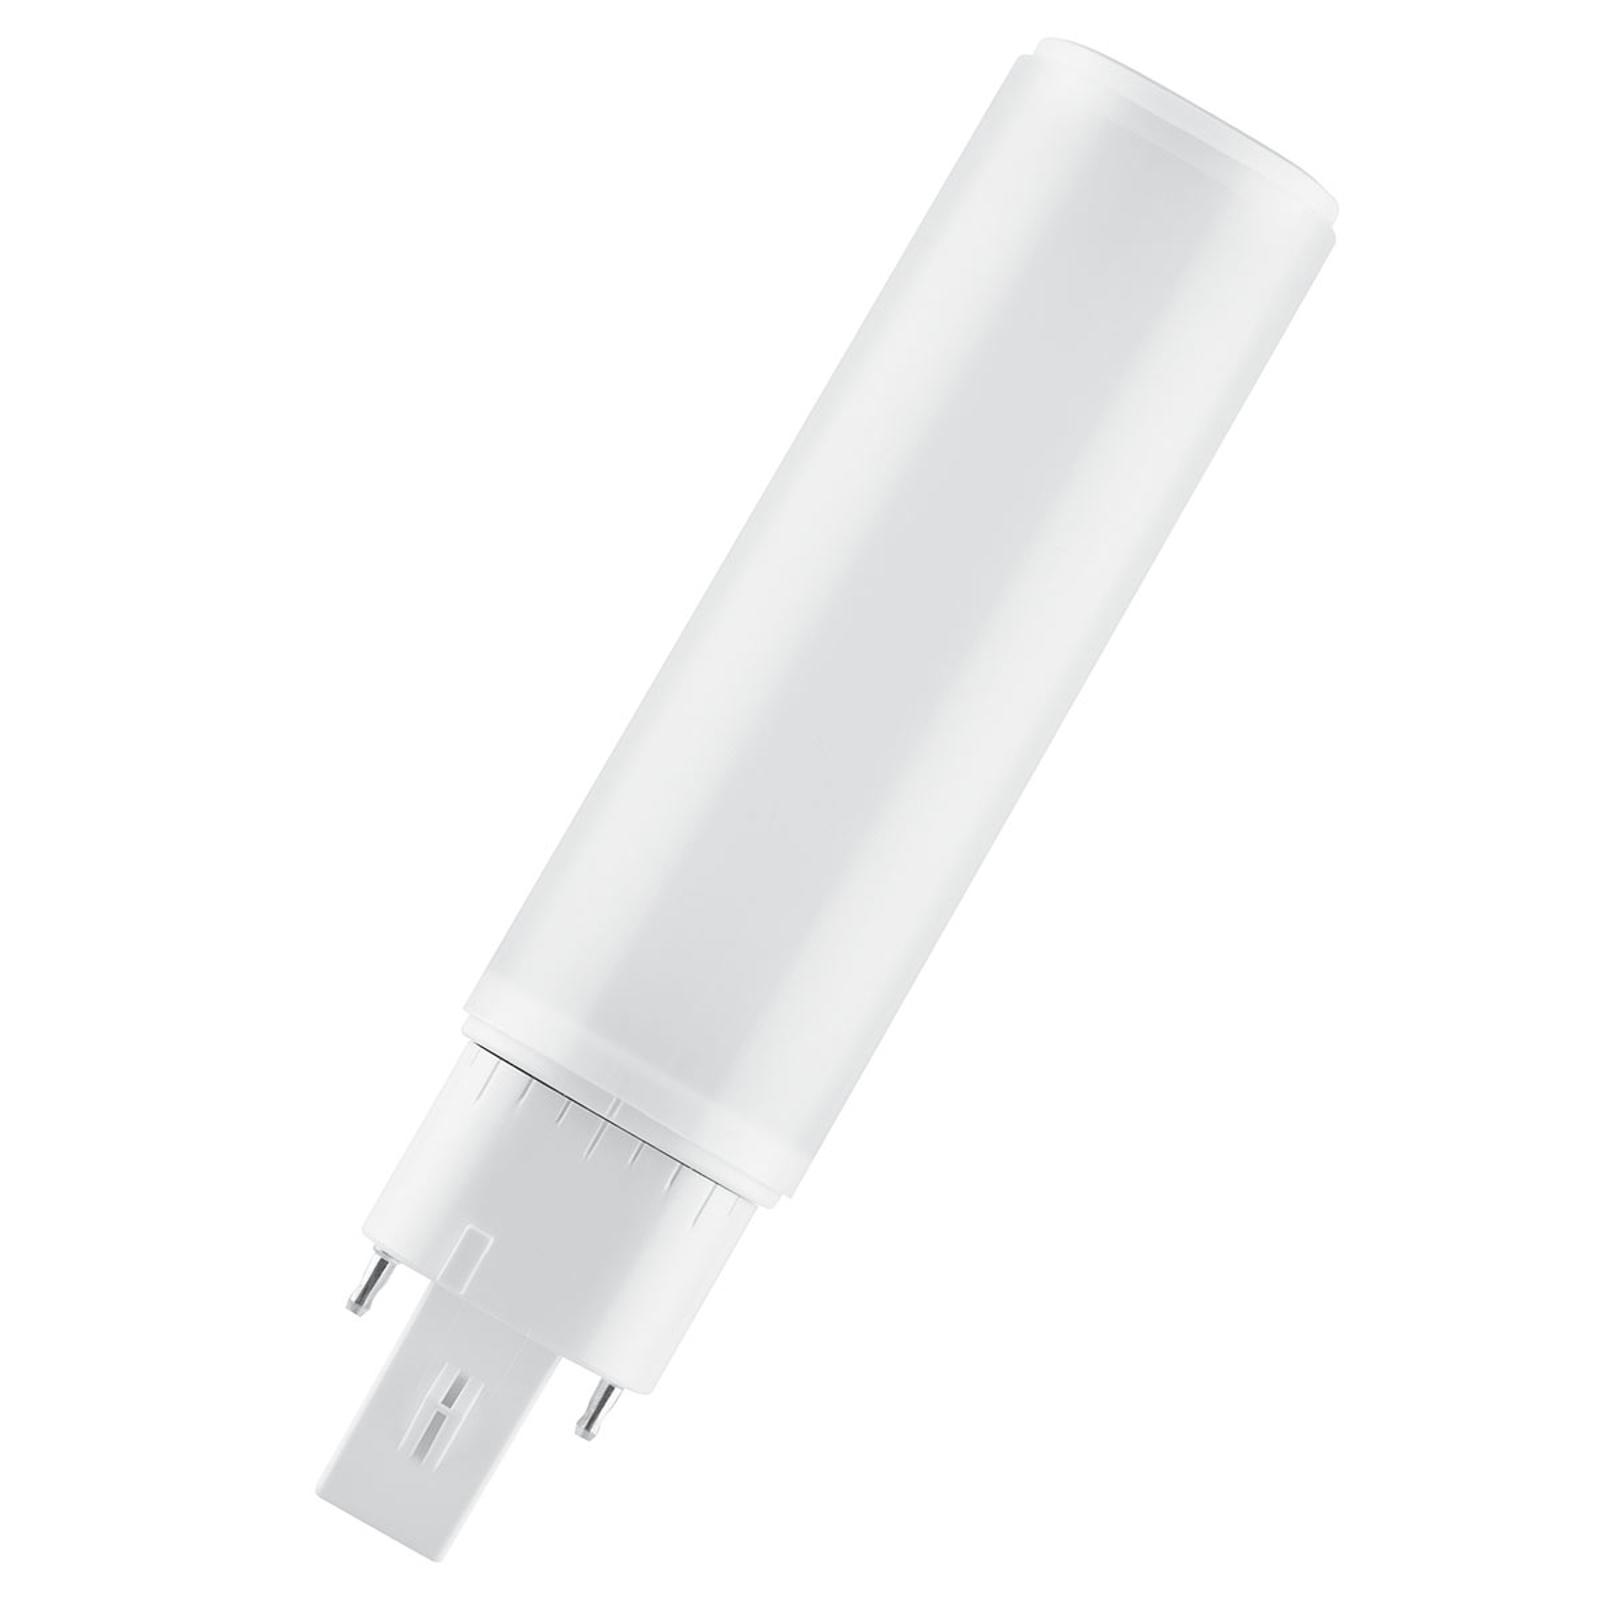 OSRAM ampoule LED G24q-2 7W 4000K